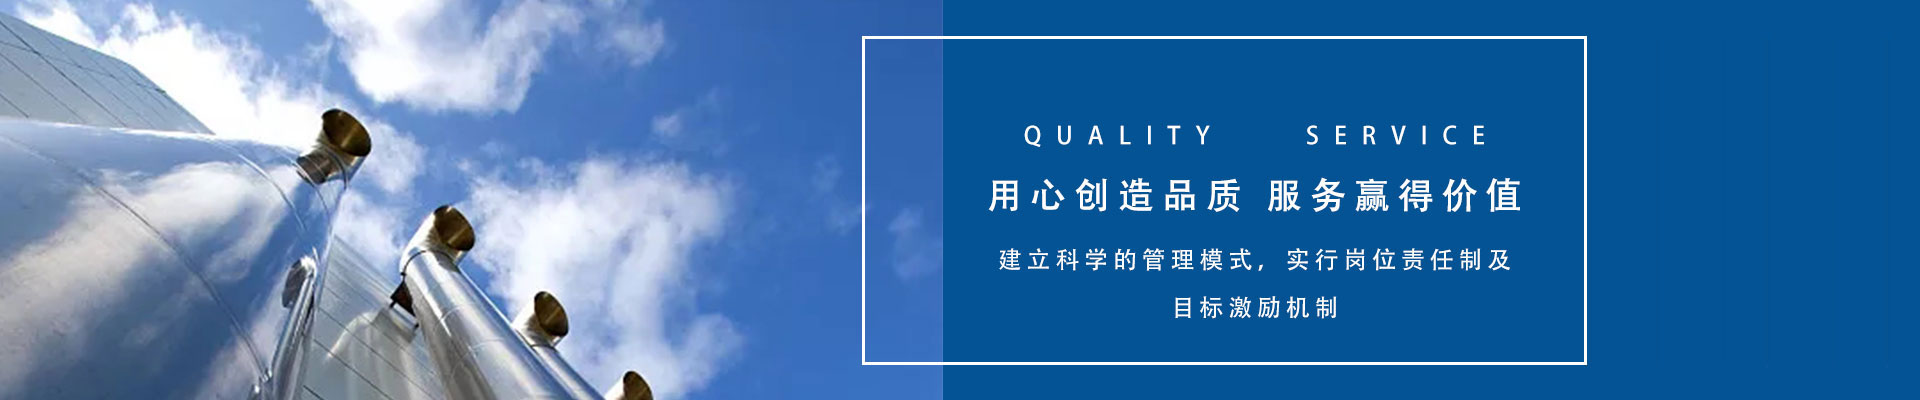 http://www.jshschina.com/data/upload/202005/20200518110933_453.jpg